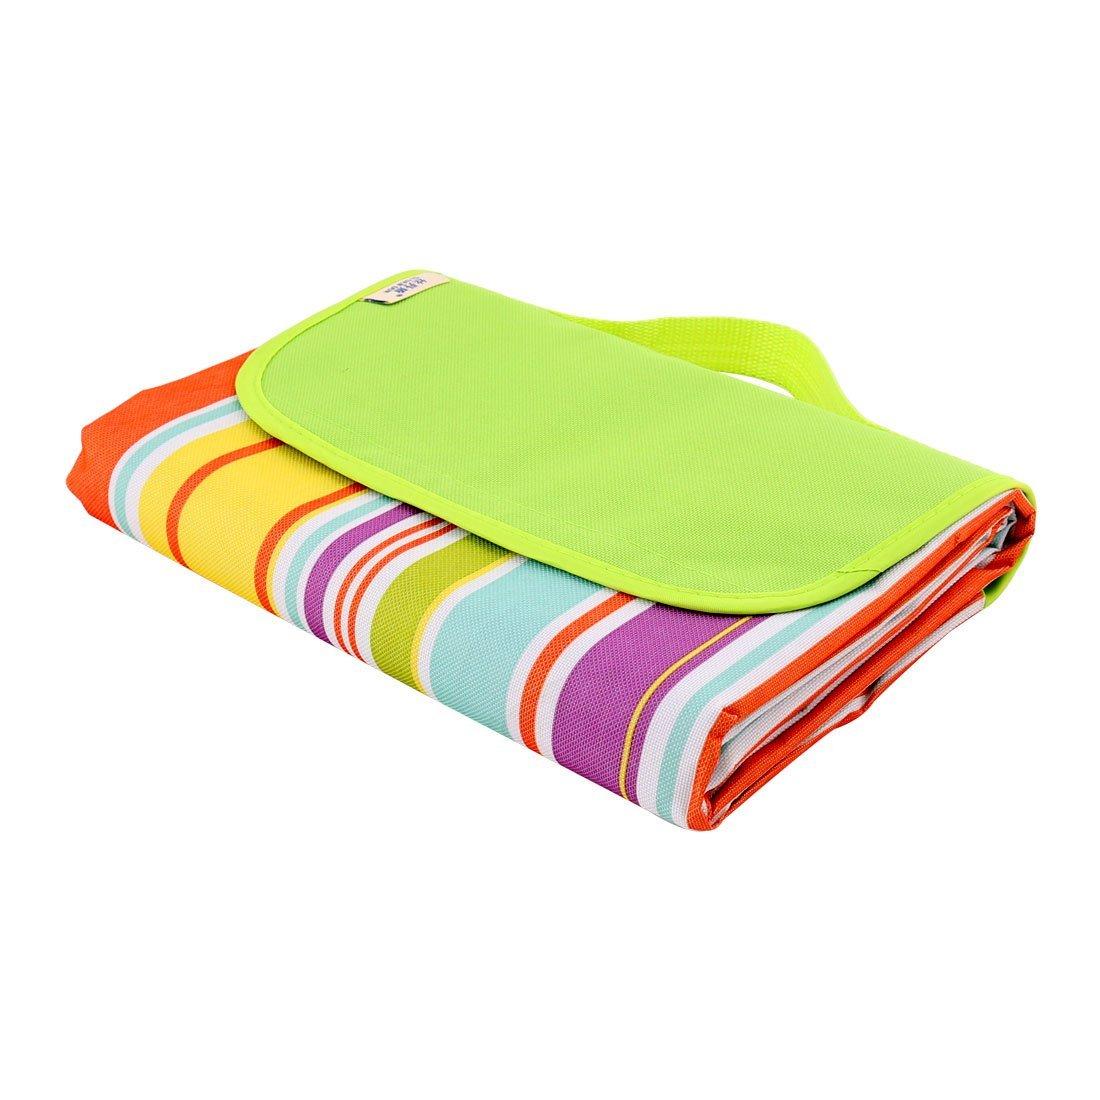 Amazon.com: eDealMax Que va de excursión Raya Nylon patrón resistente a la humedad alfombra de Picnic 145 x 180 cm luz Verde: Home & Kitchen